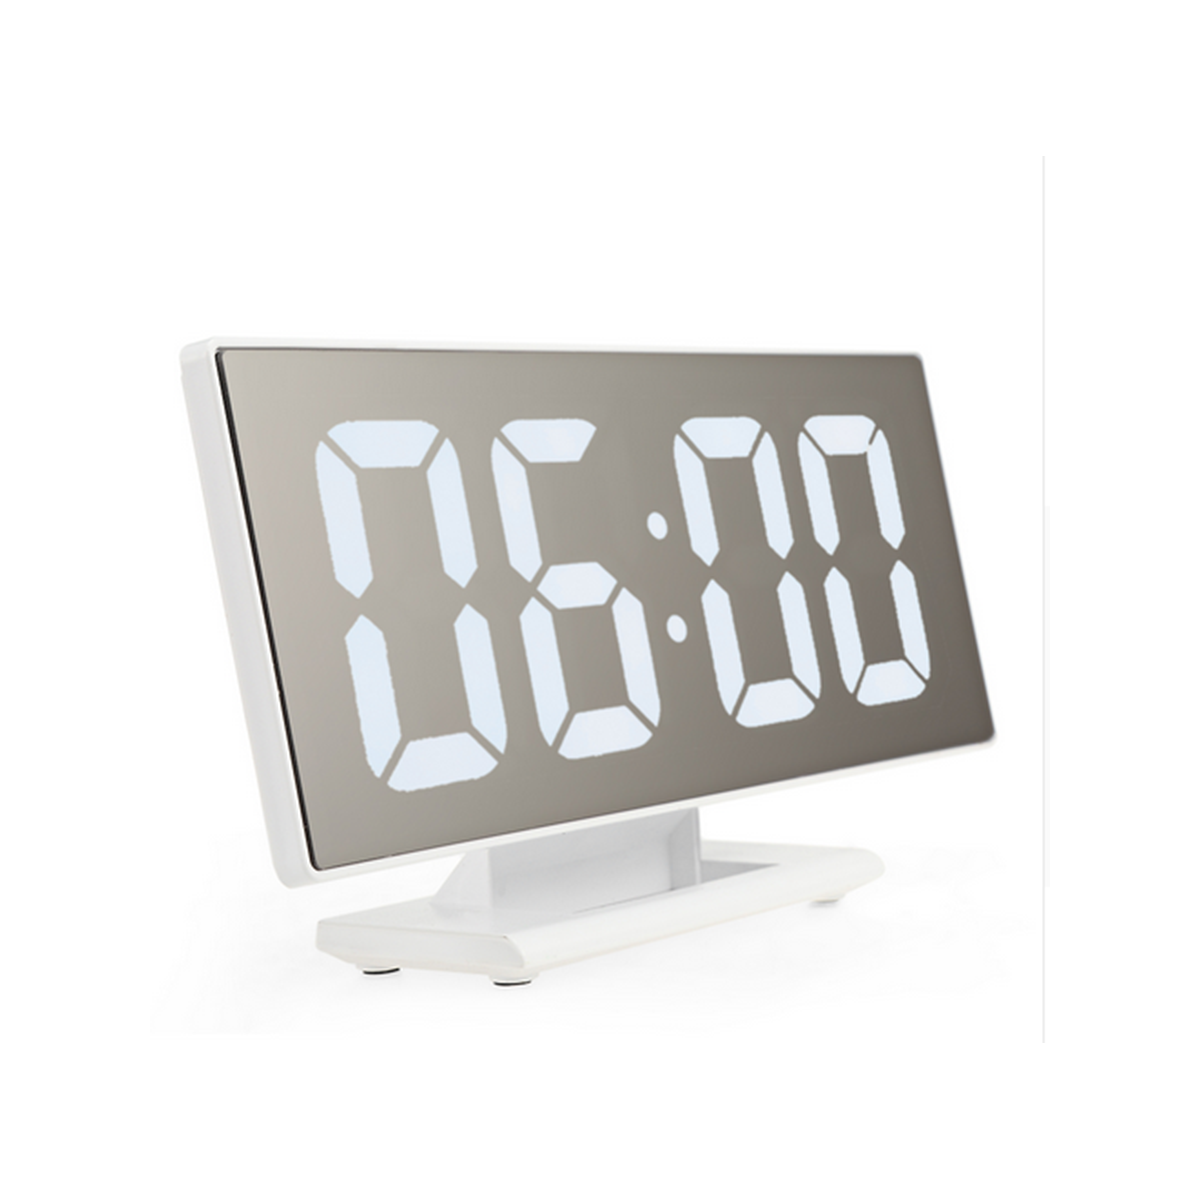 Εντυπωσιακό Ψηφιακό Επιτραπέζιο Ρολόι/Ξυπνητήρι με Μεγάλη Οθόνη Καθρέφτη